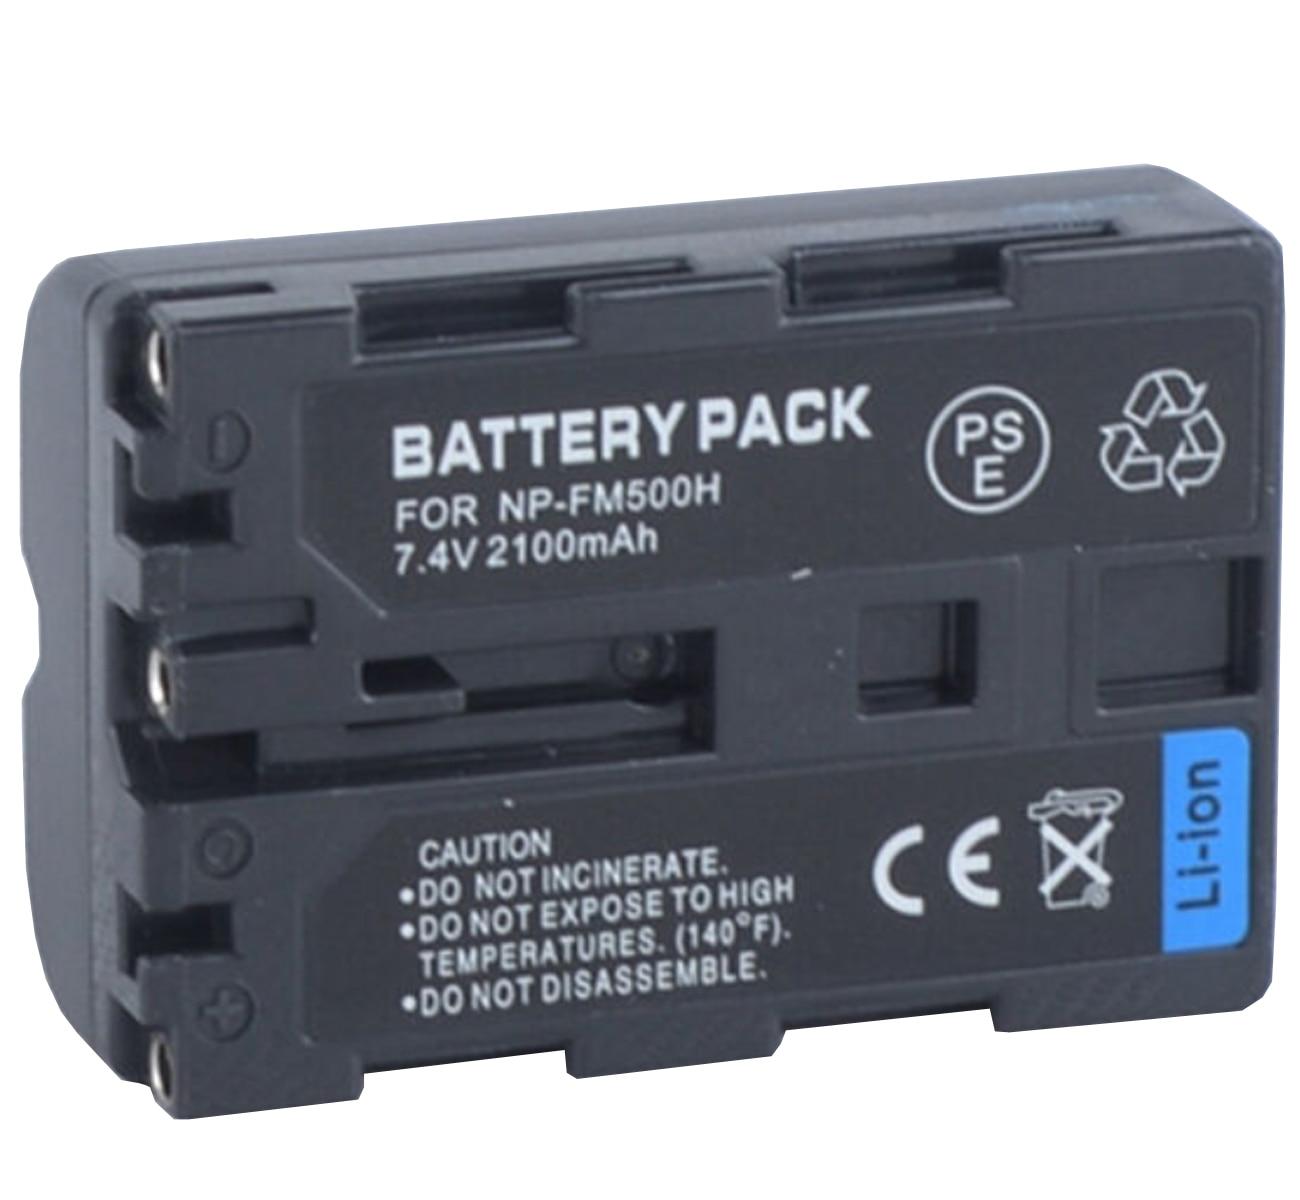 Paquete de baterías para Sony Alpha SLT-A57, A58, A65, A77, A77 II,...